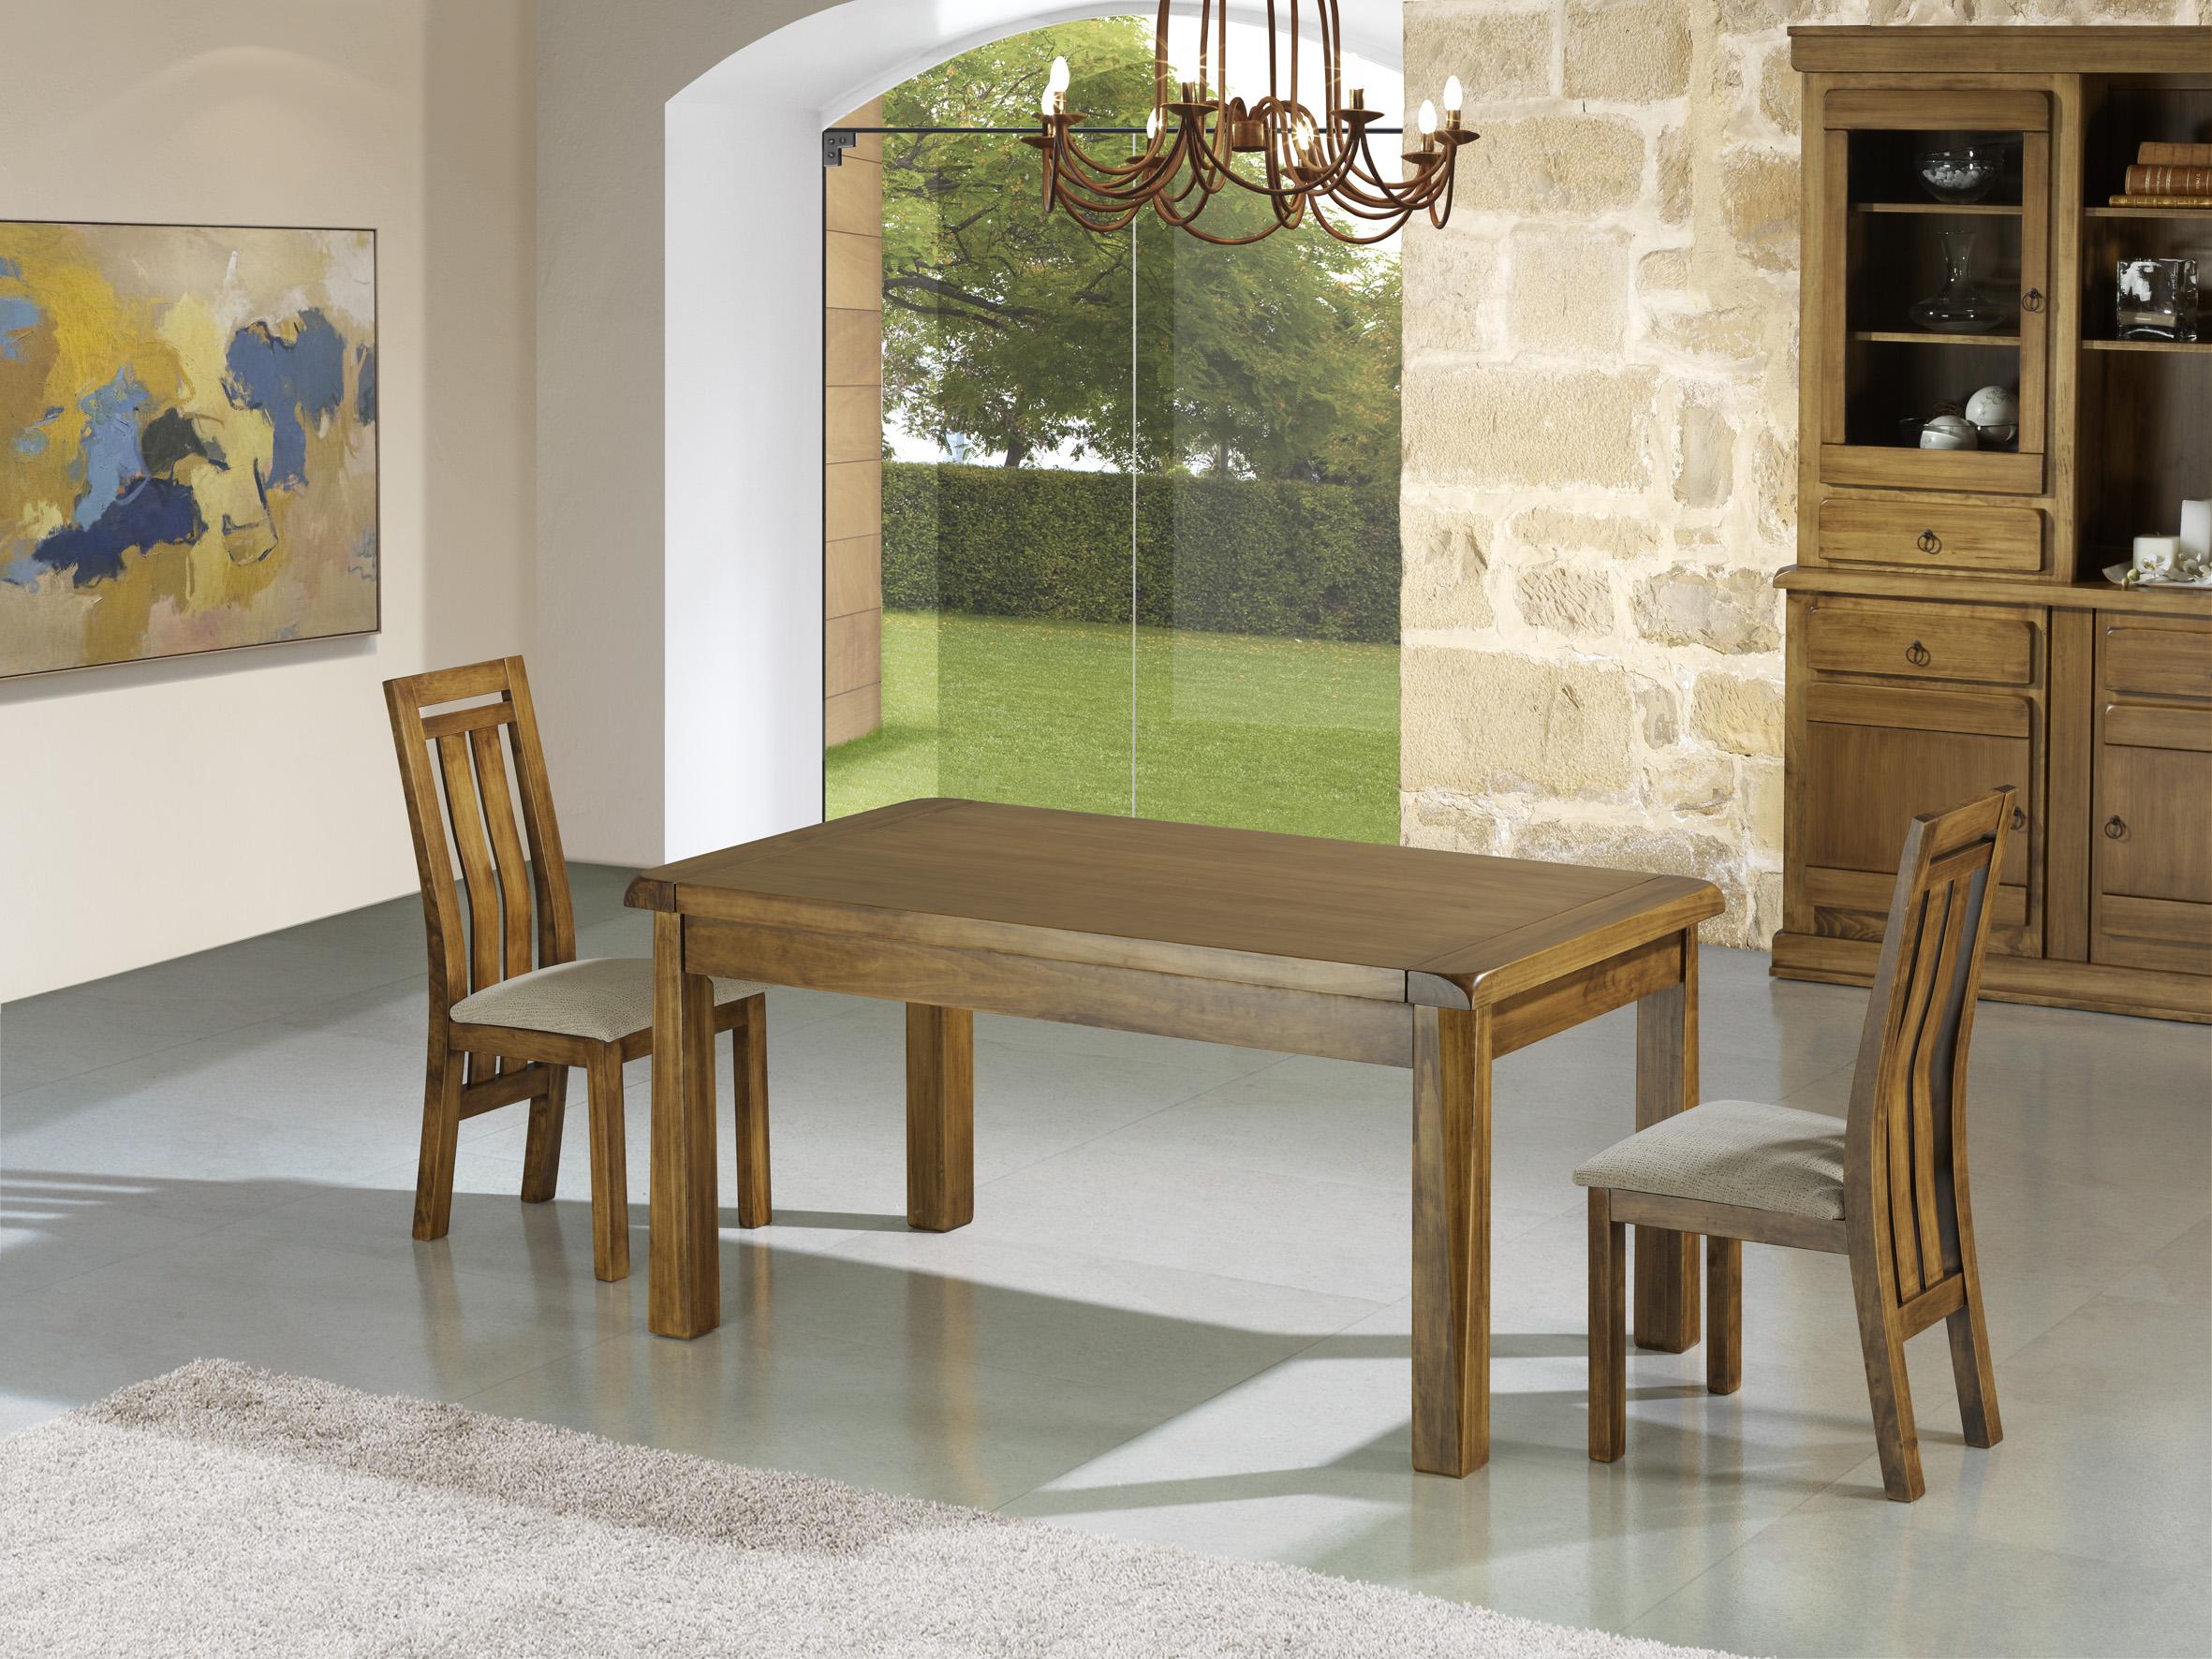 Mesas y sillas r sticas muebles dominguez for Sillones de cocina